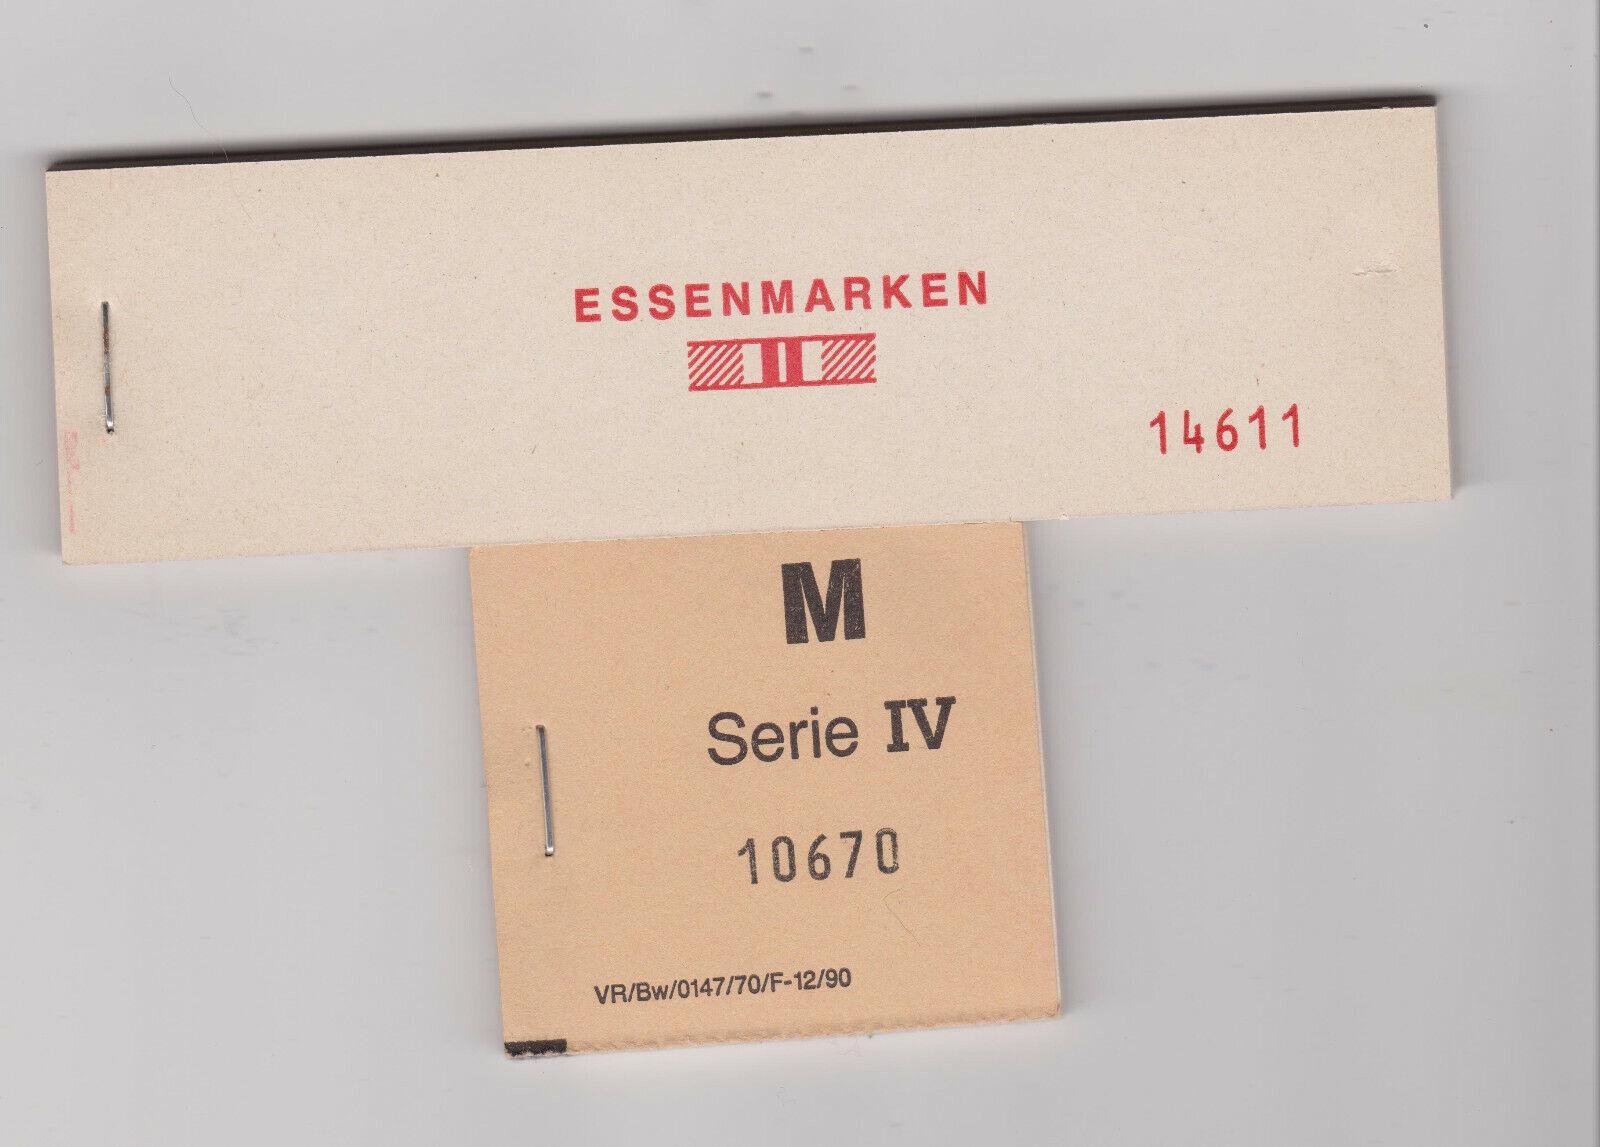 Bild 1 - Frühe  Bundeswehr Nostalgie Essenmarken